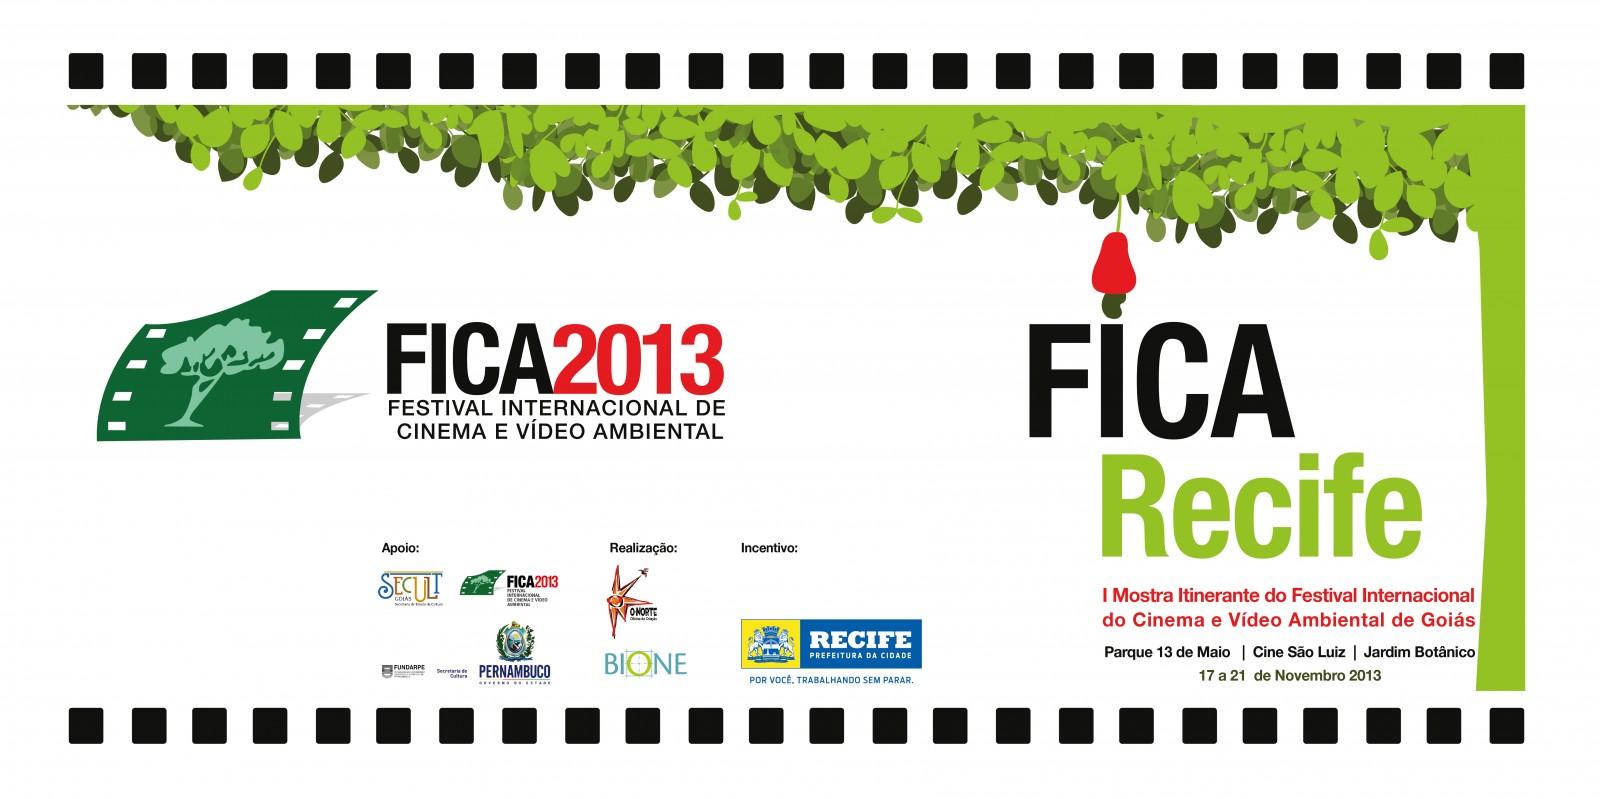 FICA RECIFE 2013 (04)